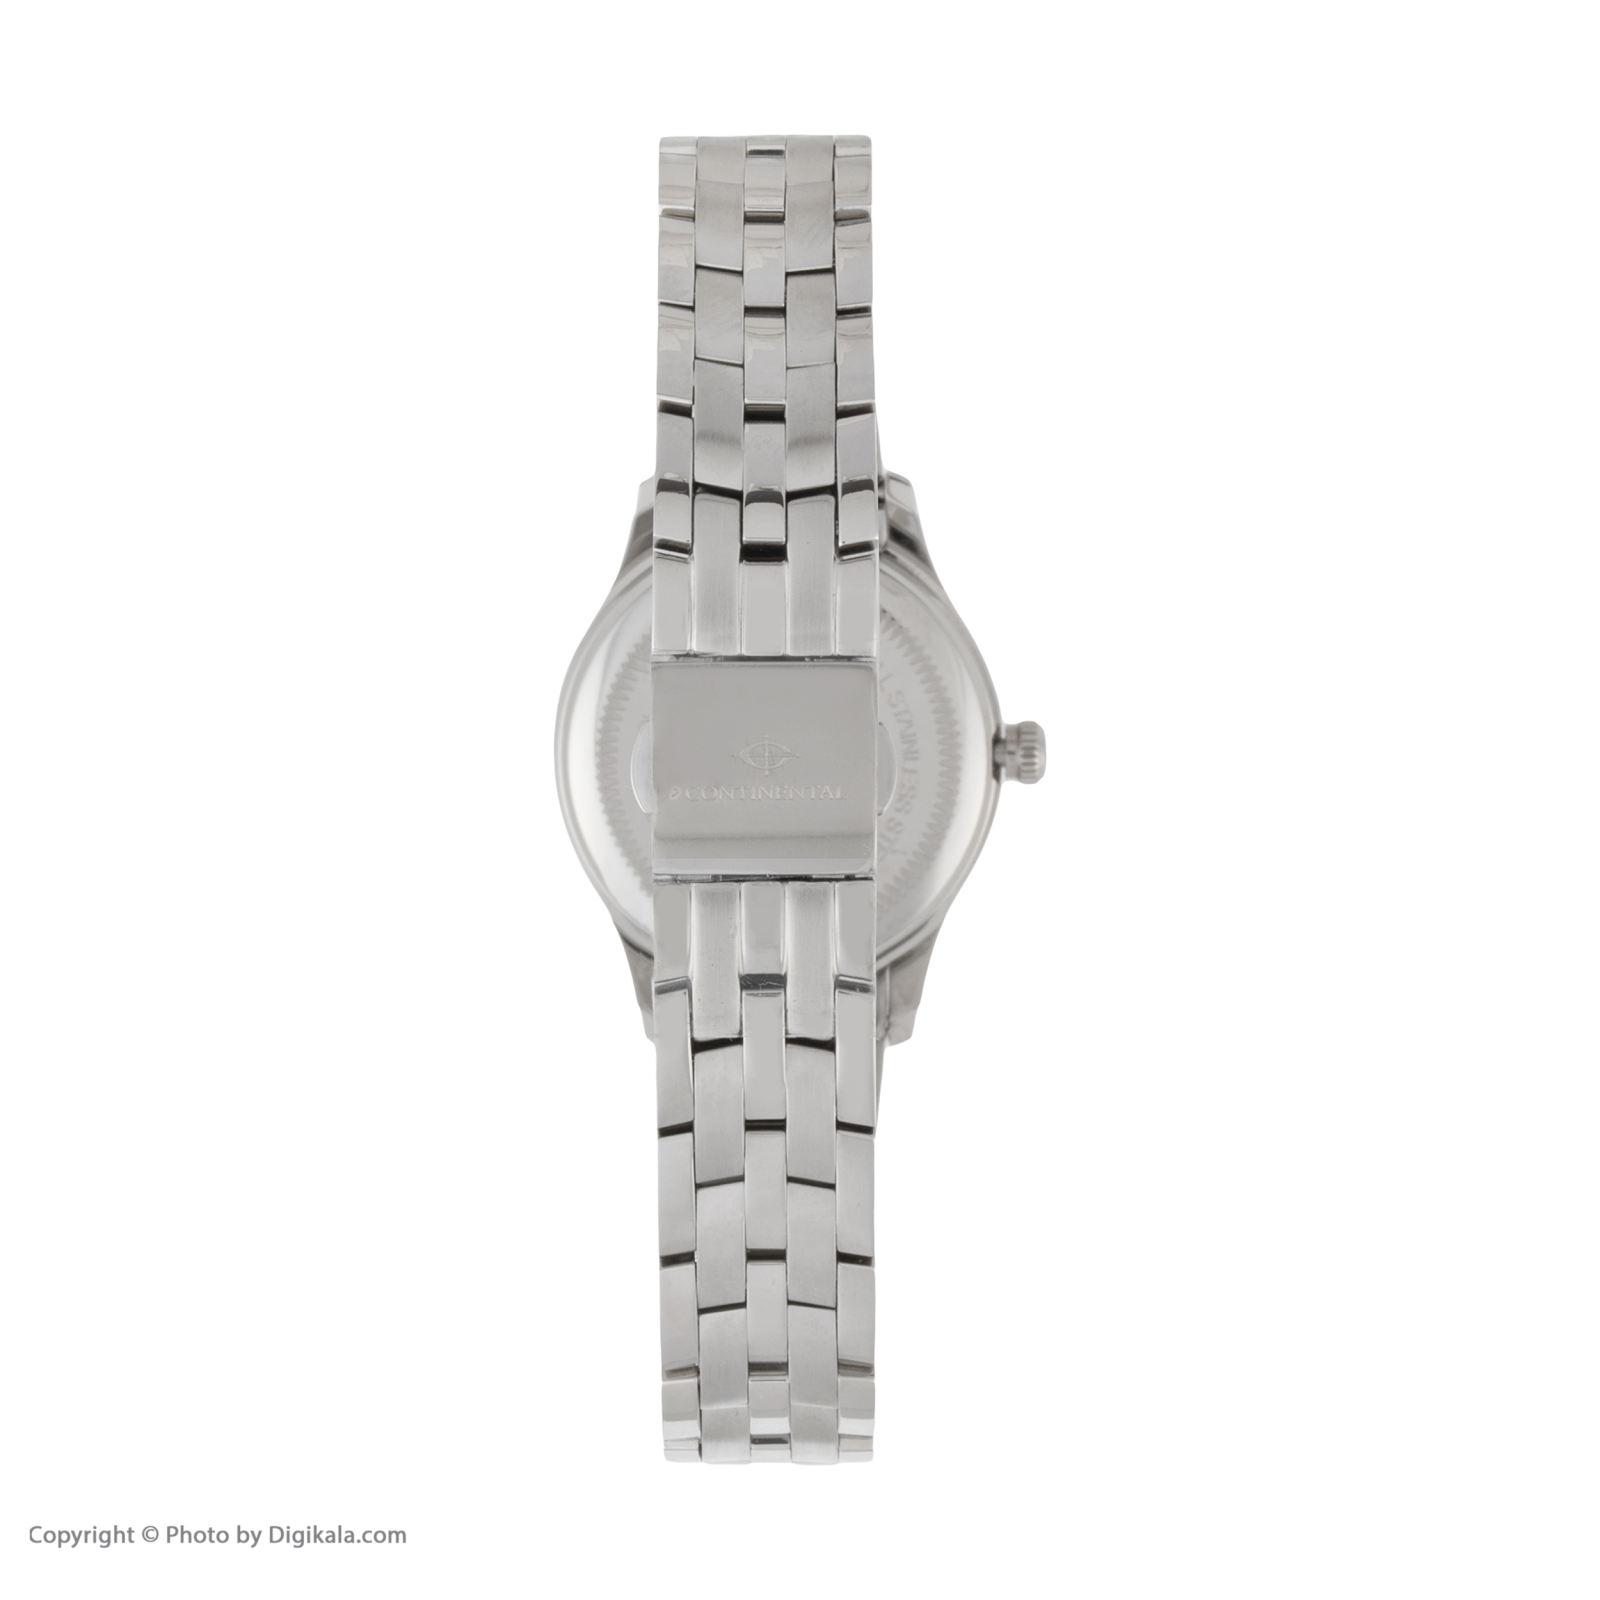 ساعت مچی عقربه ای زنانه کنتیننتال مدل 18102-LD101130 -  - 3